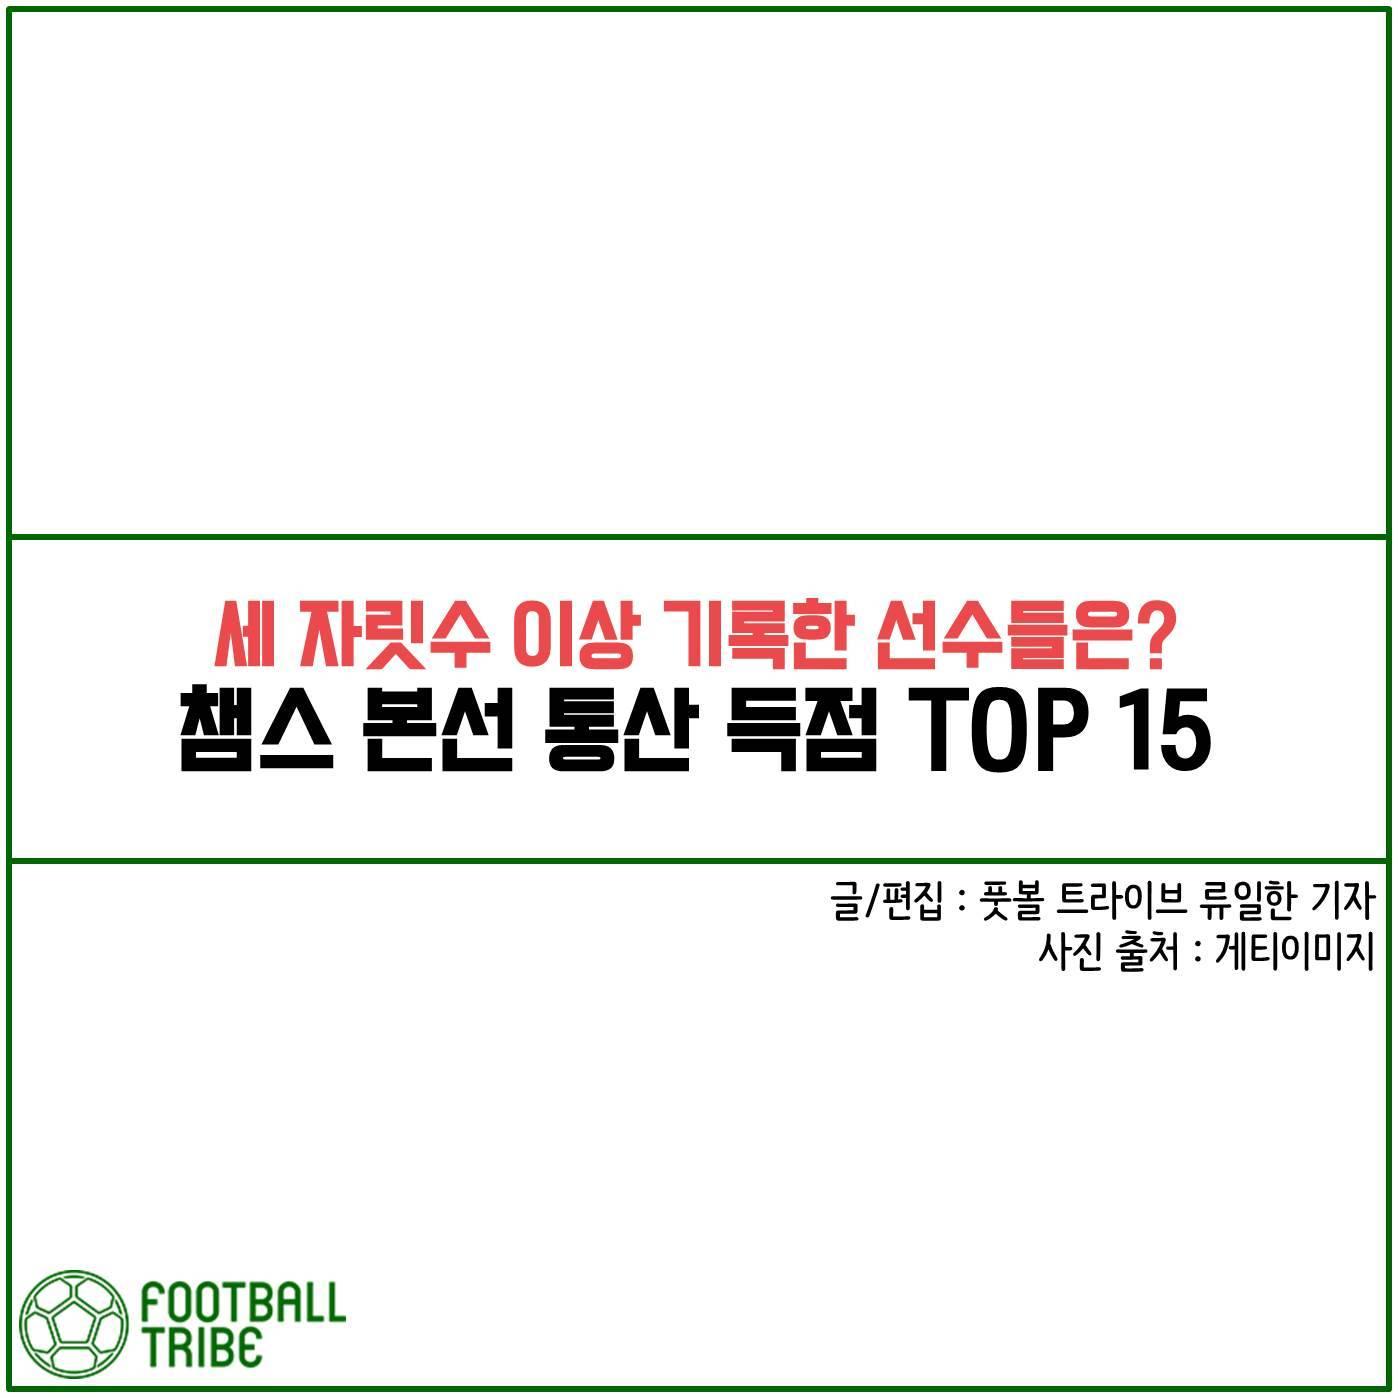 [카드 뉴스] 챔스 본선 통산 득점 TOP 15